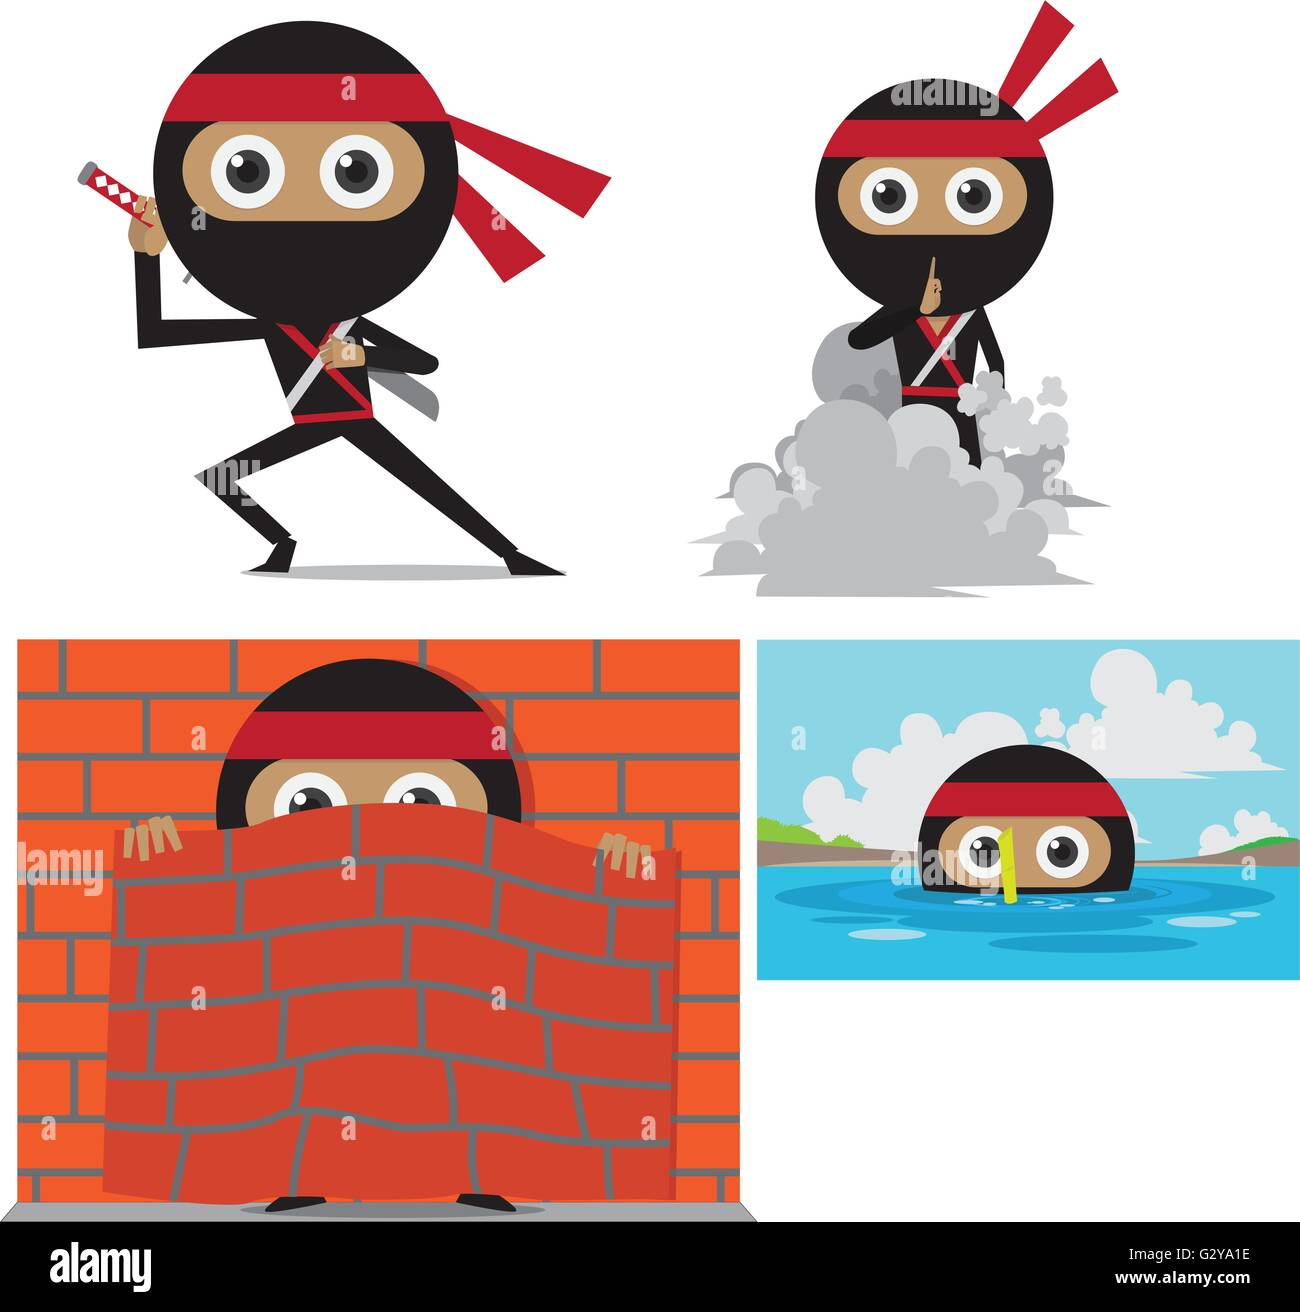 Ninja Cartoon - Stock Vector